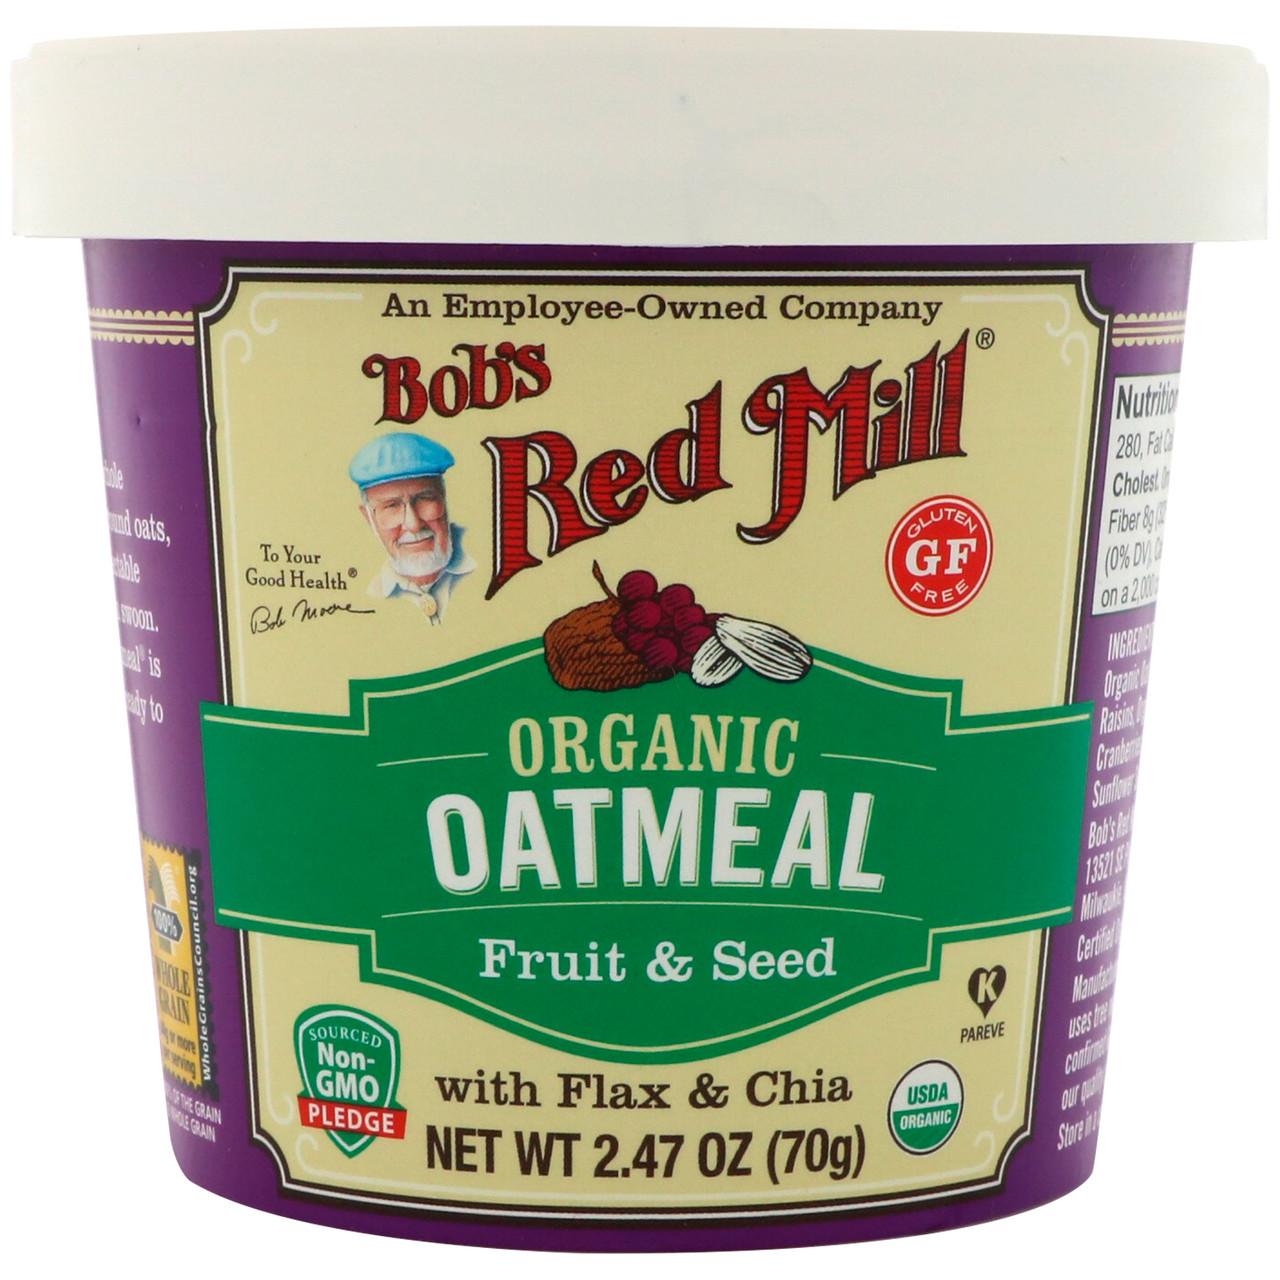 Bobs Red Mill, Органическая овсяная каша в стаканчике, фрукты и семена с льном и чиа, 2,47 унц. (70 г)